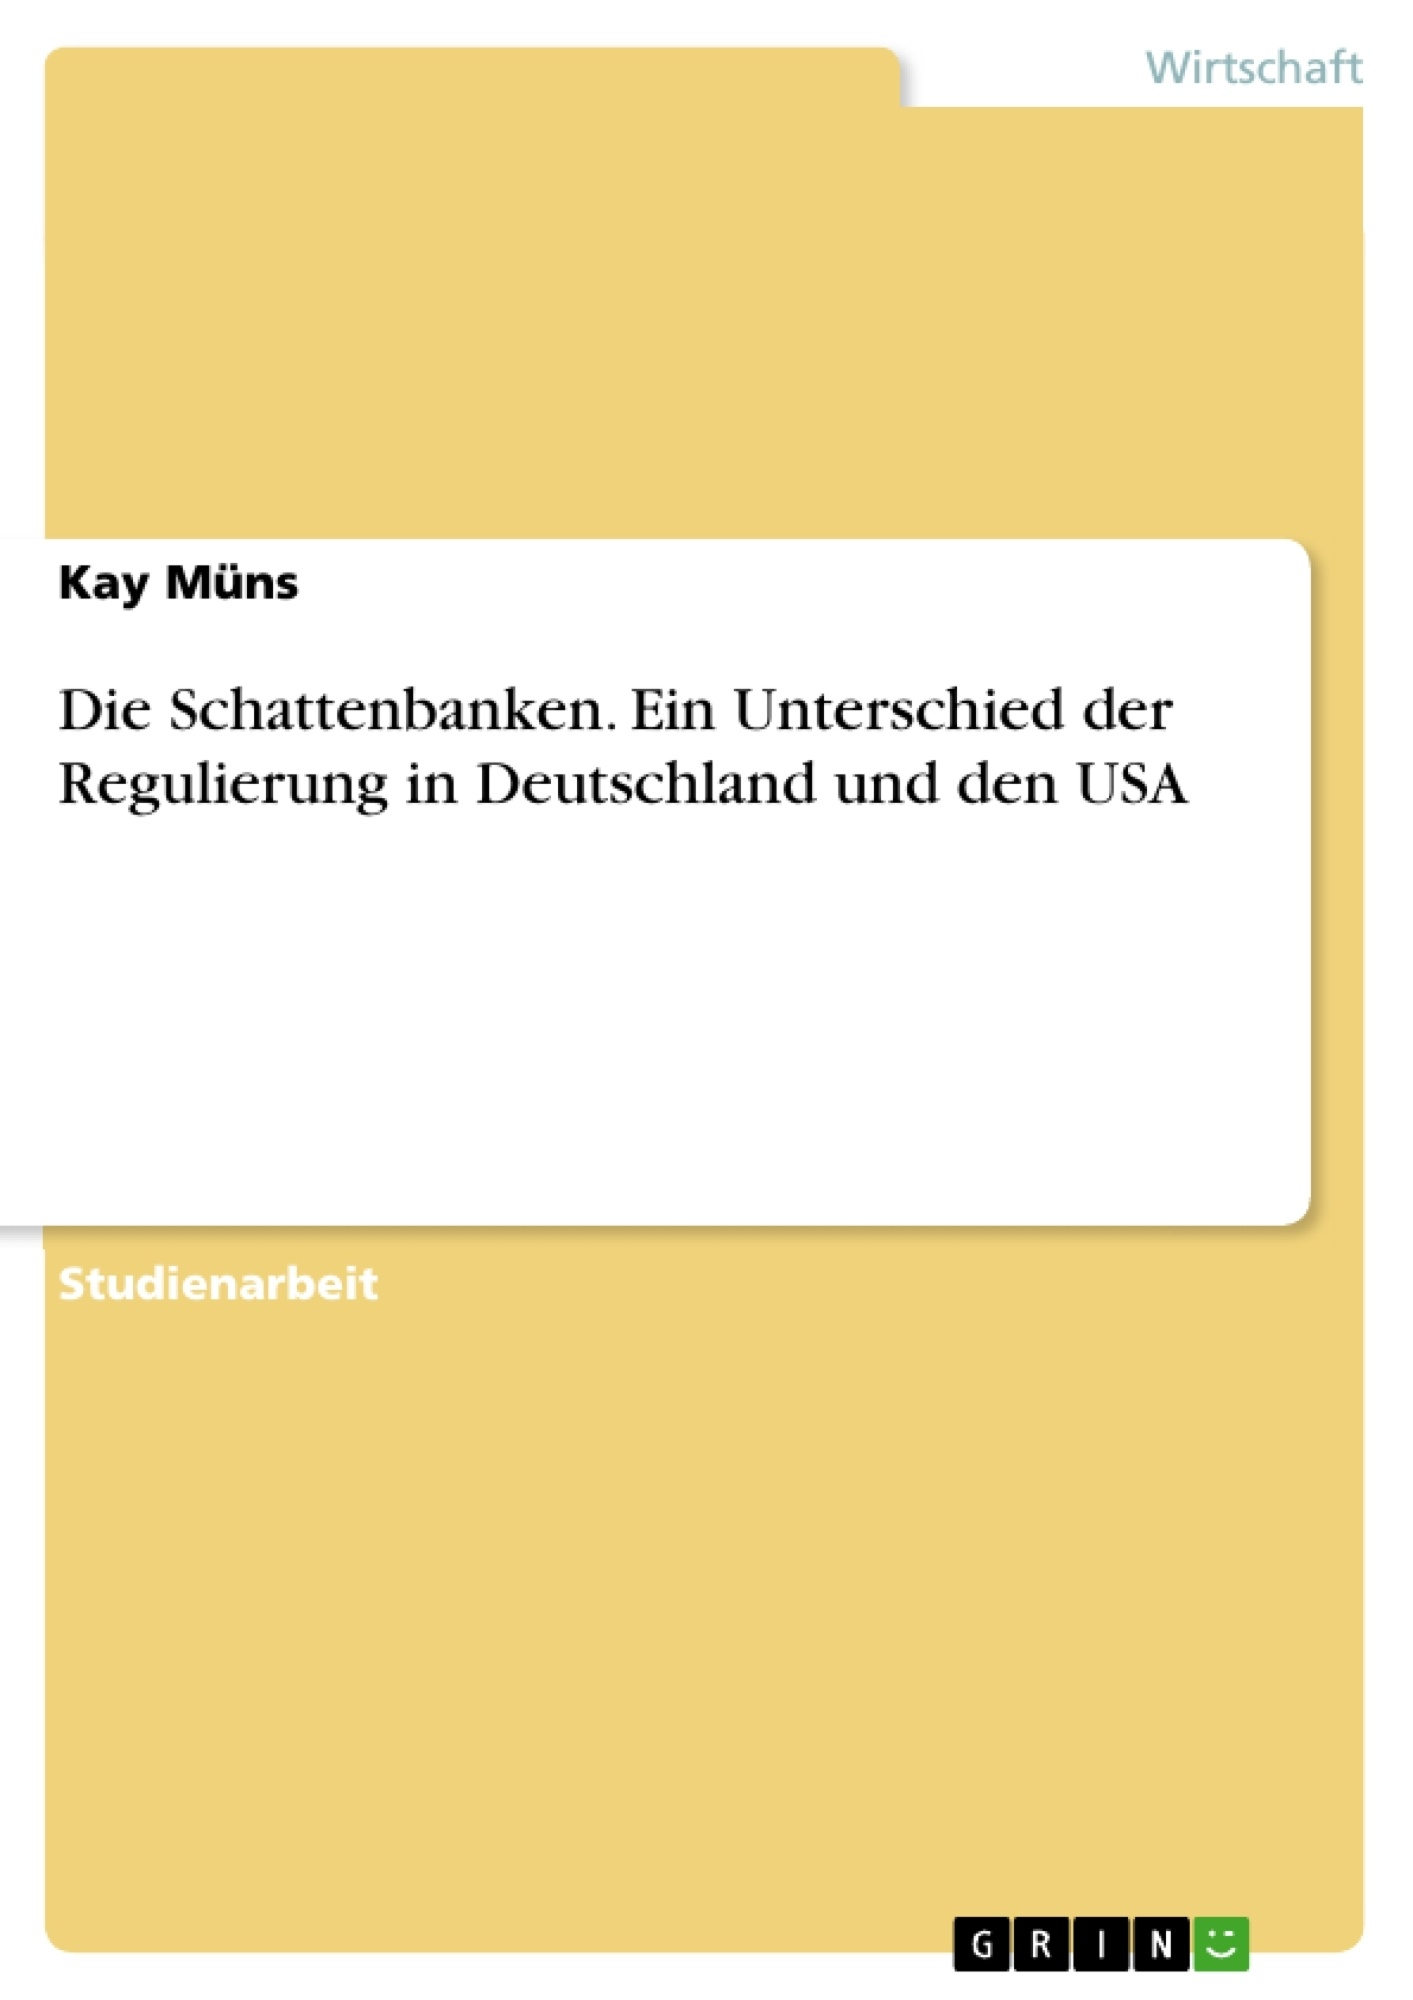 Titel: Die Schattenbanken. Ein Unterschied der Regulierung in Deutschland und den USA